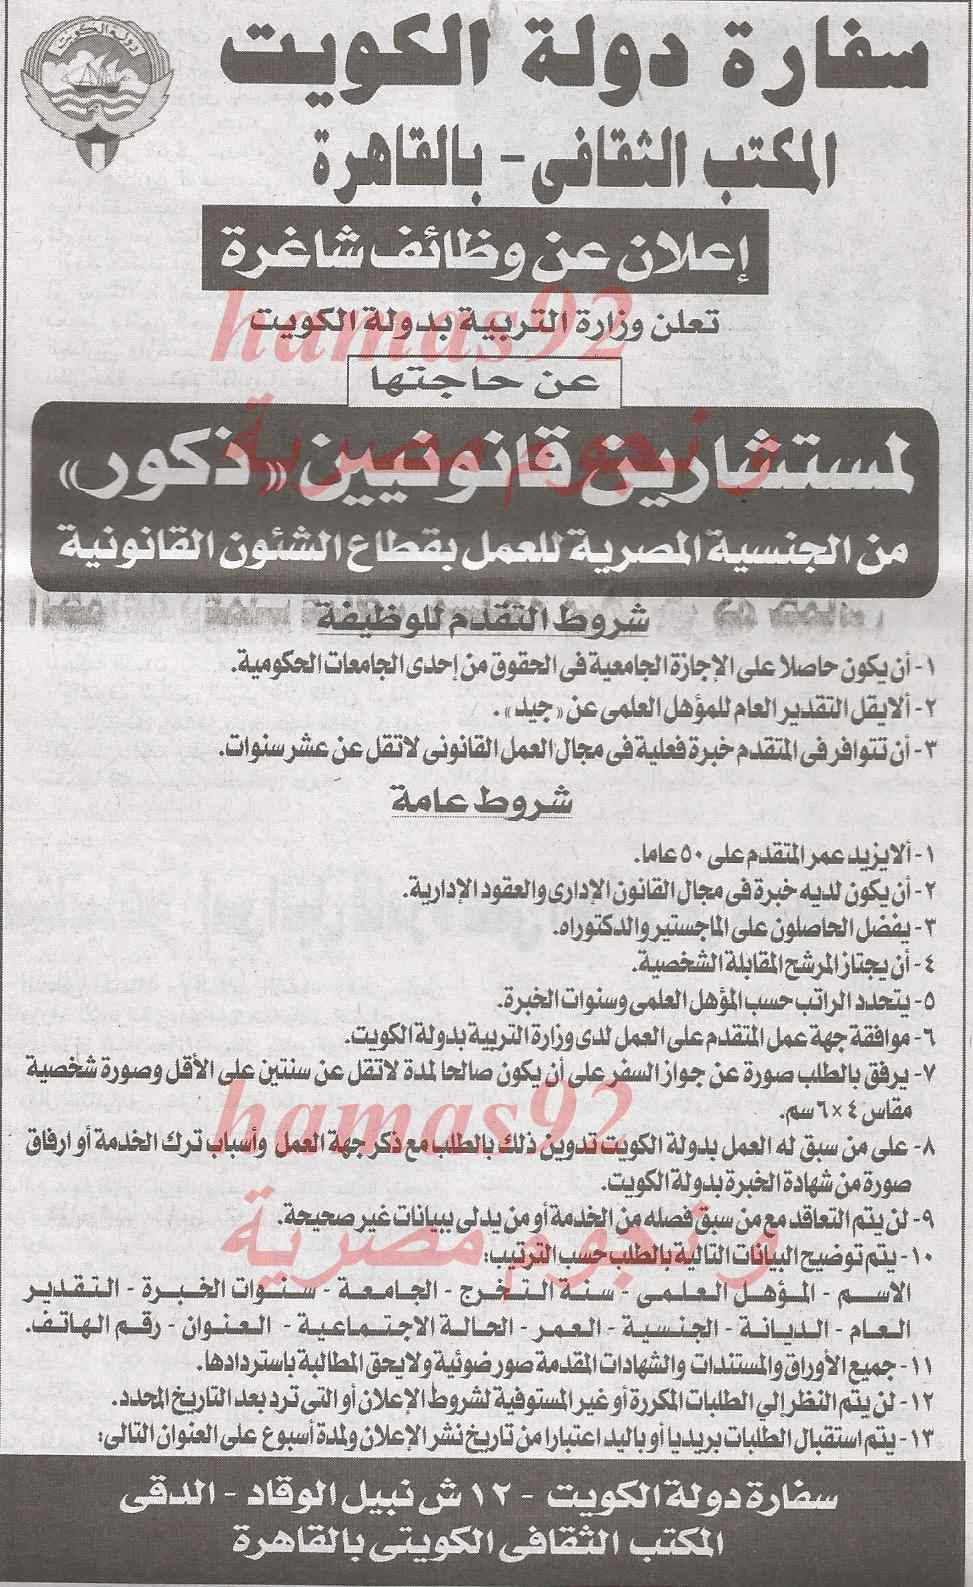 وظائف جريدة الاهرام يوم الخميس 20/2/2014